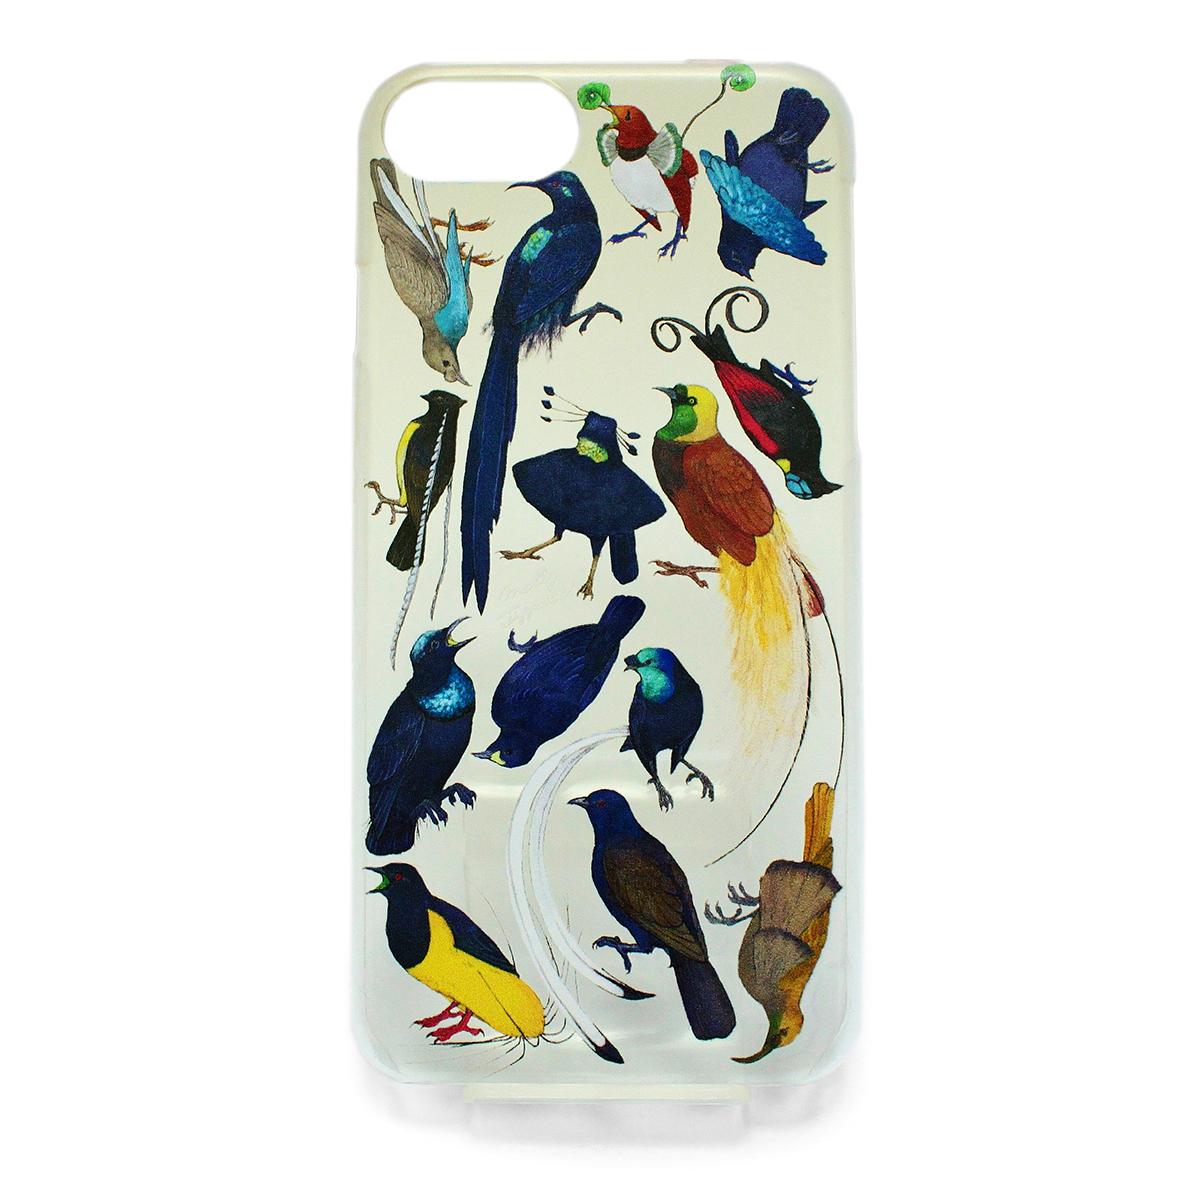 【セール】フウチョウ科の鳥類(ハード)/ スマートフォンケース(iPhone6,iPhone7,iPhone8兼用)